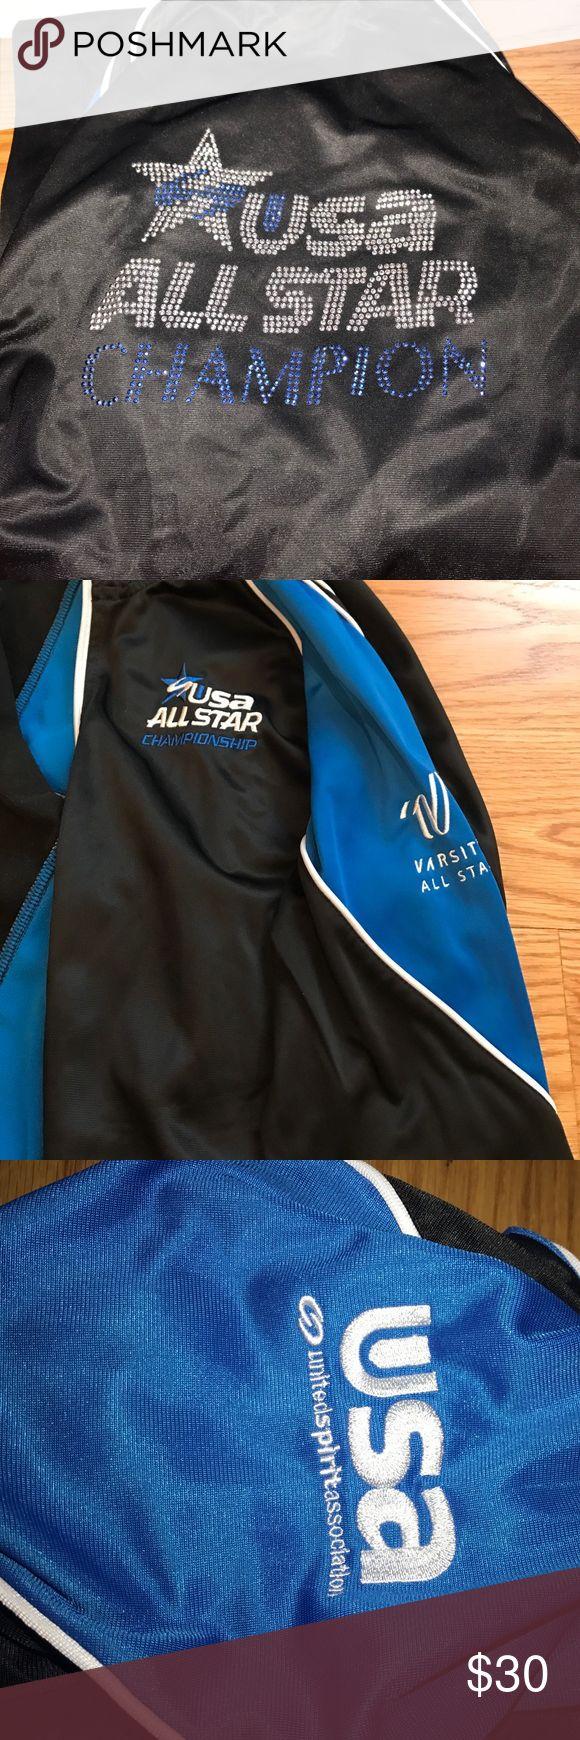 USA CHEER national champion jacket Varsity all star Usa championship winning jacket S:L varsity Jackets & Coats